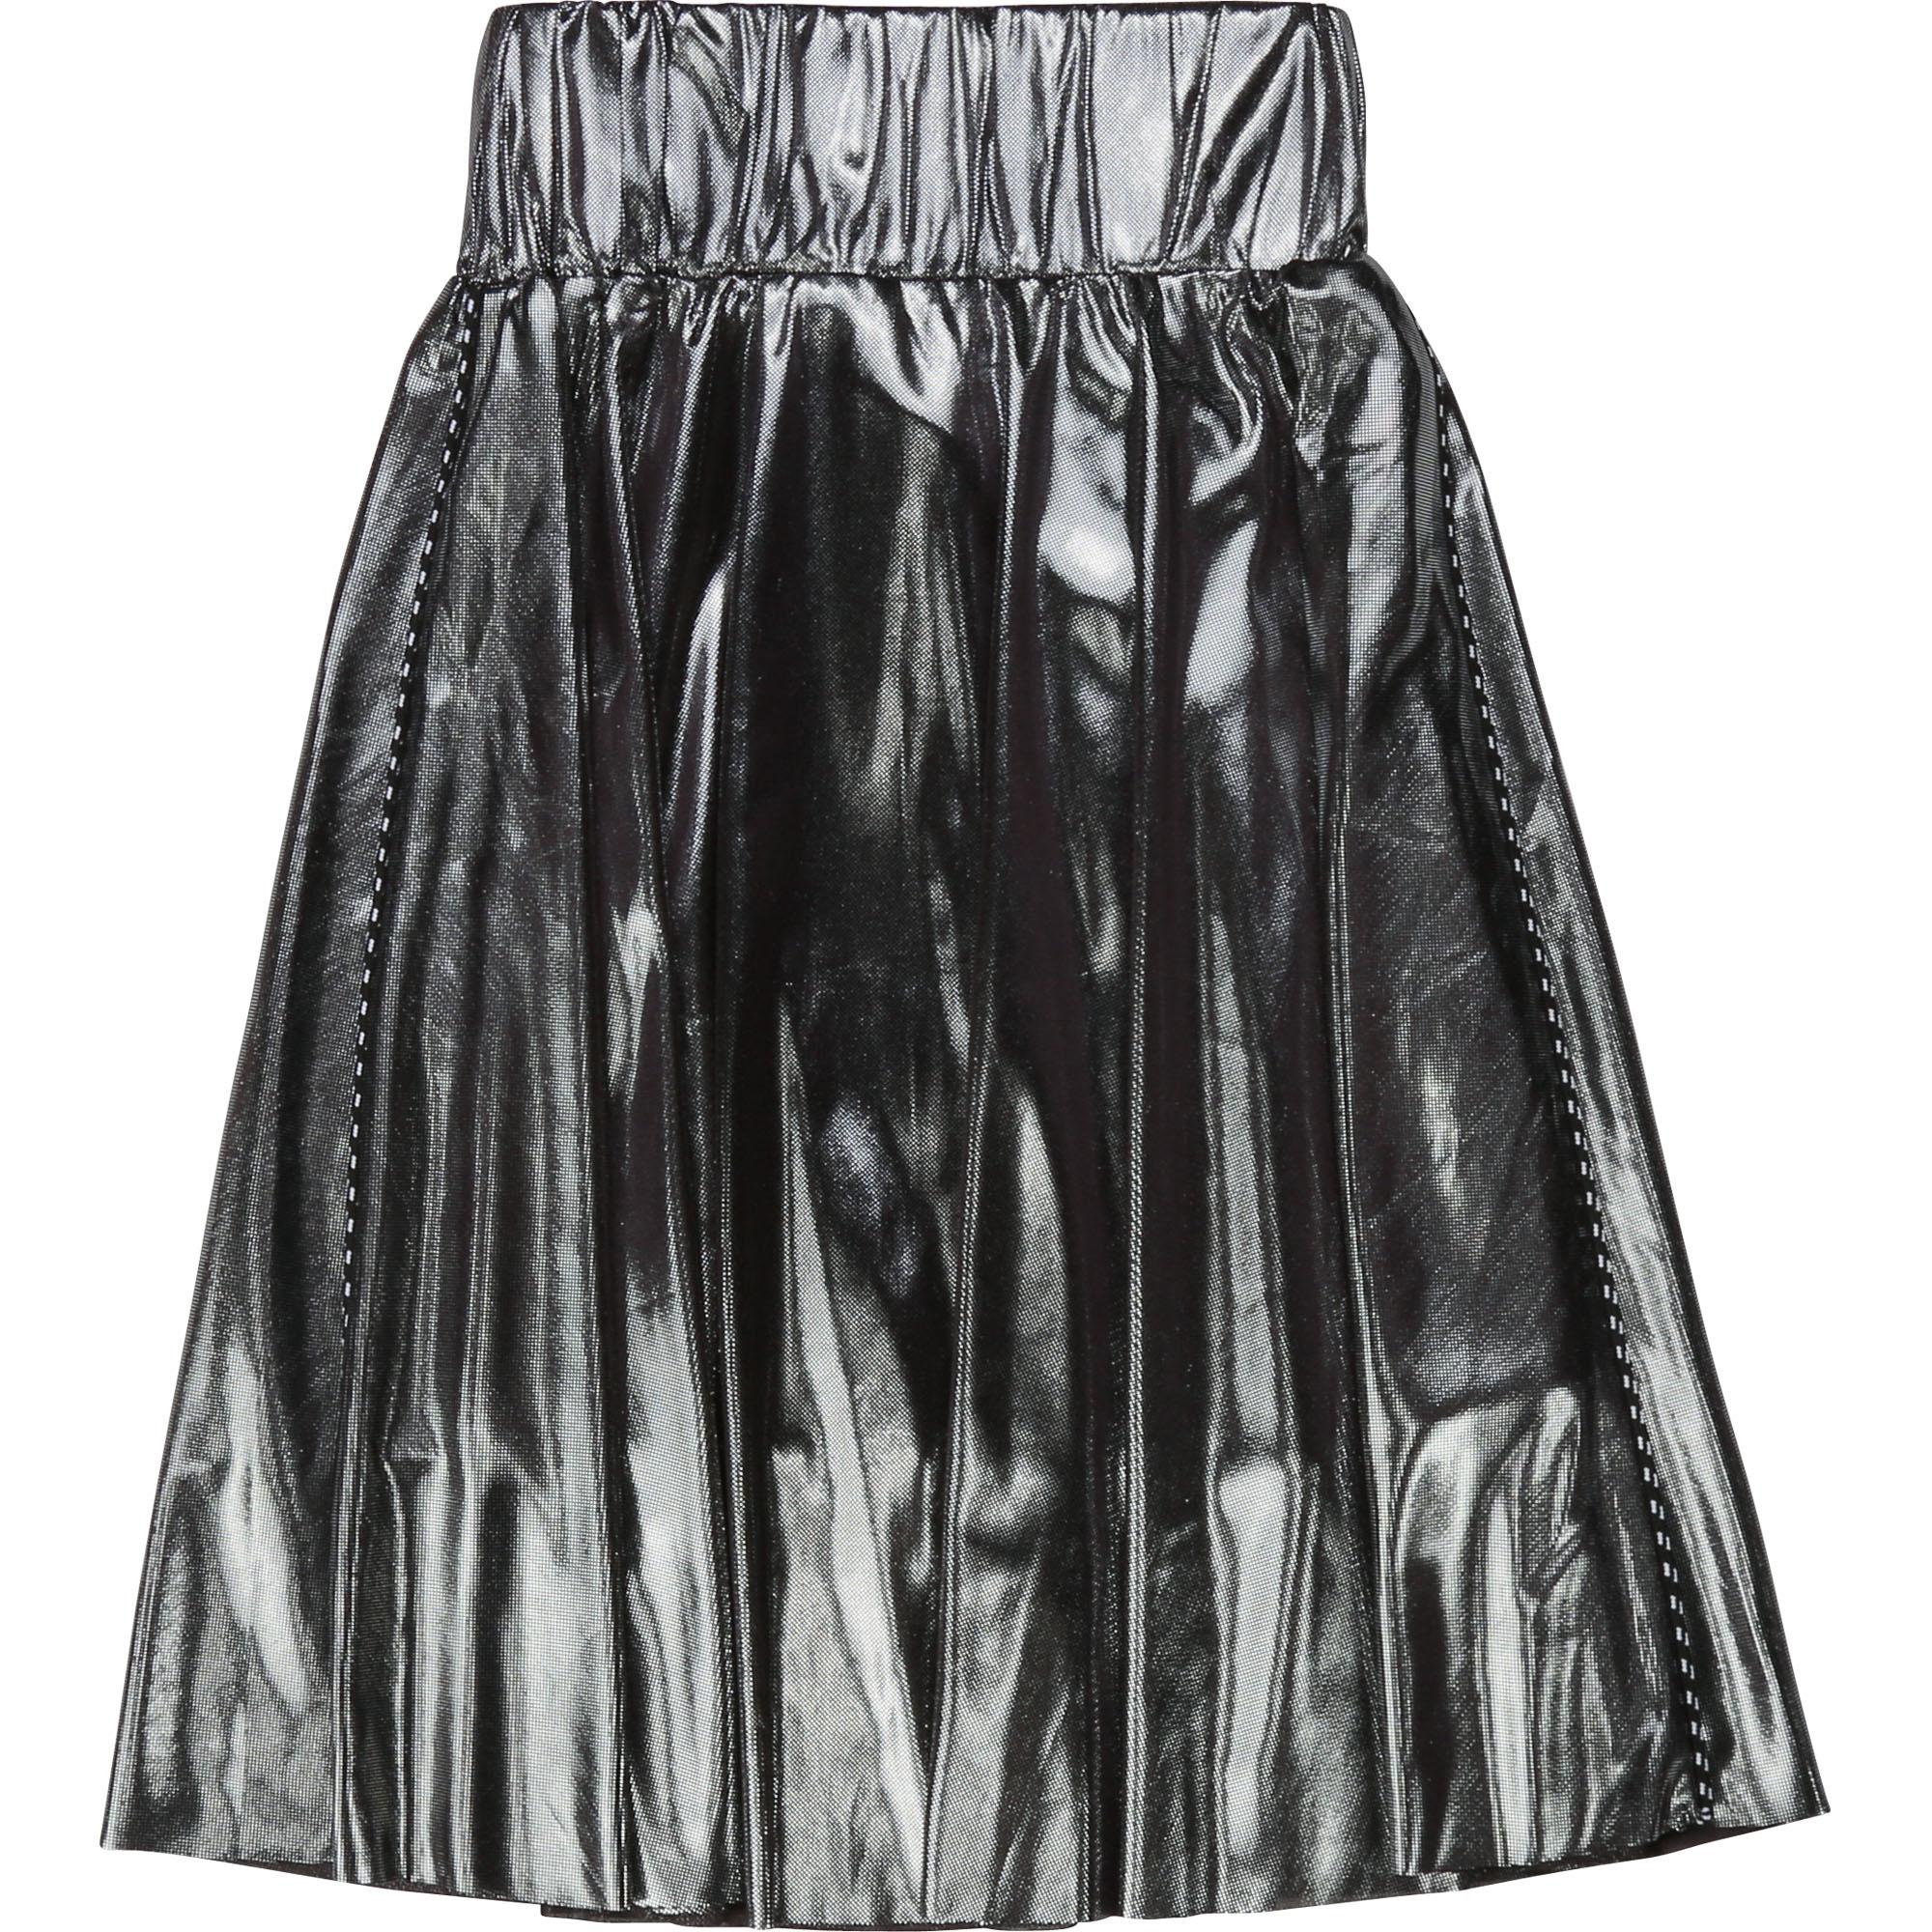 DKNY jupe de cérémonie argentée-2